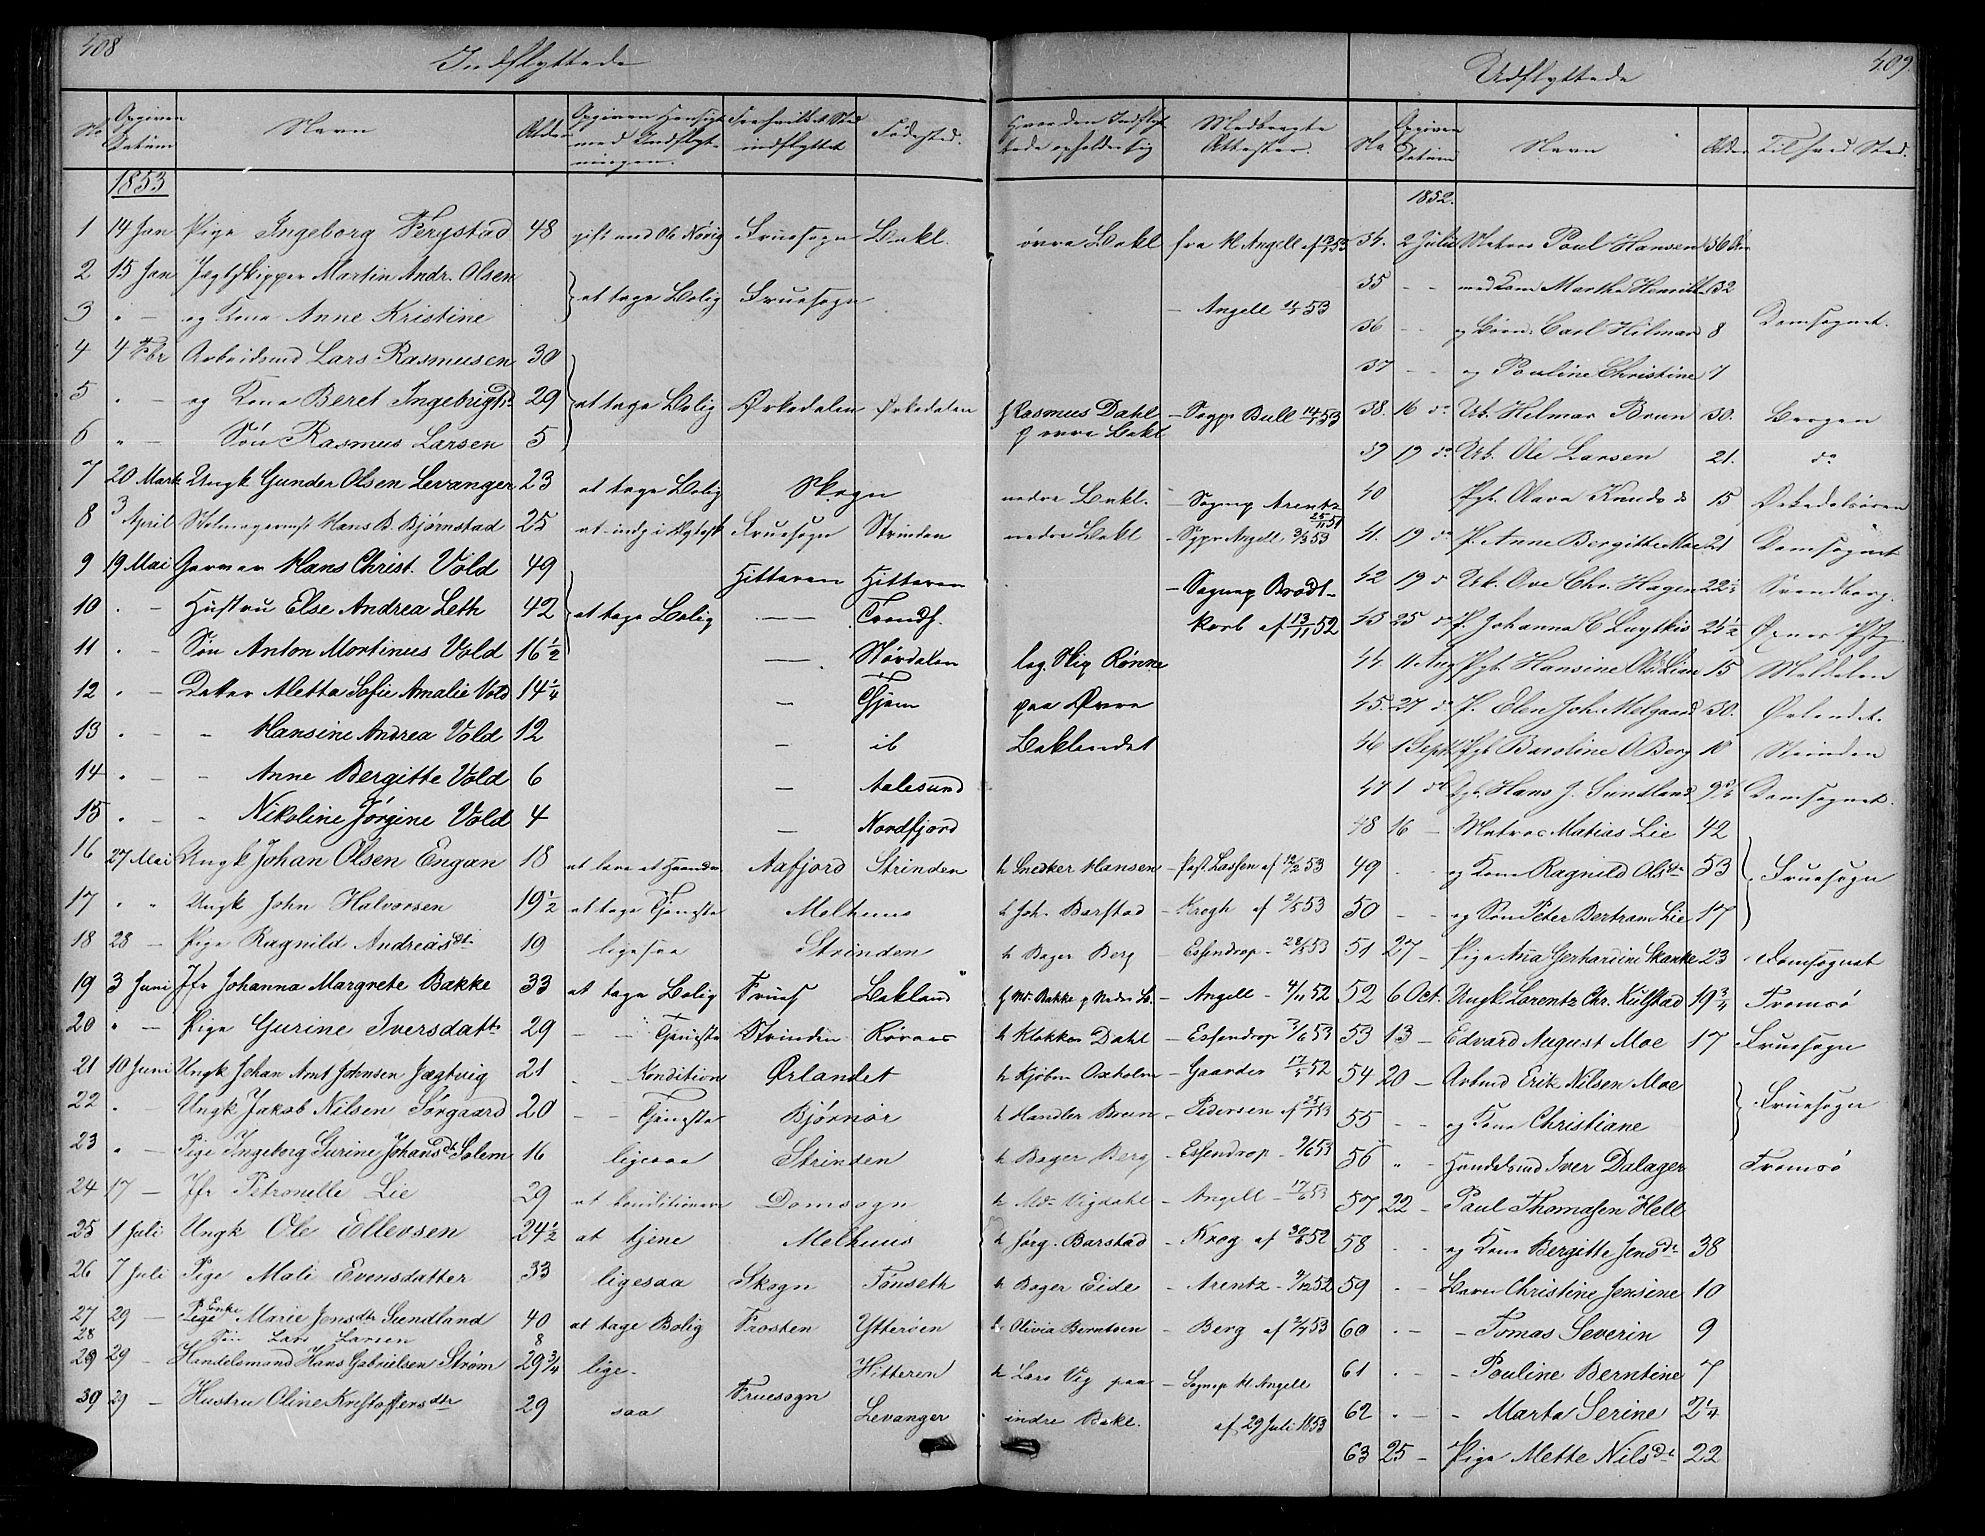 SAT, Ministerialprotokoller, klokkerbøker og fødselsregistre - Sør-Trøndelag, 604/L0219: Klokkerbok nr. 604C02, 1851-1869, s. 408-409